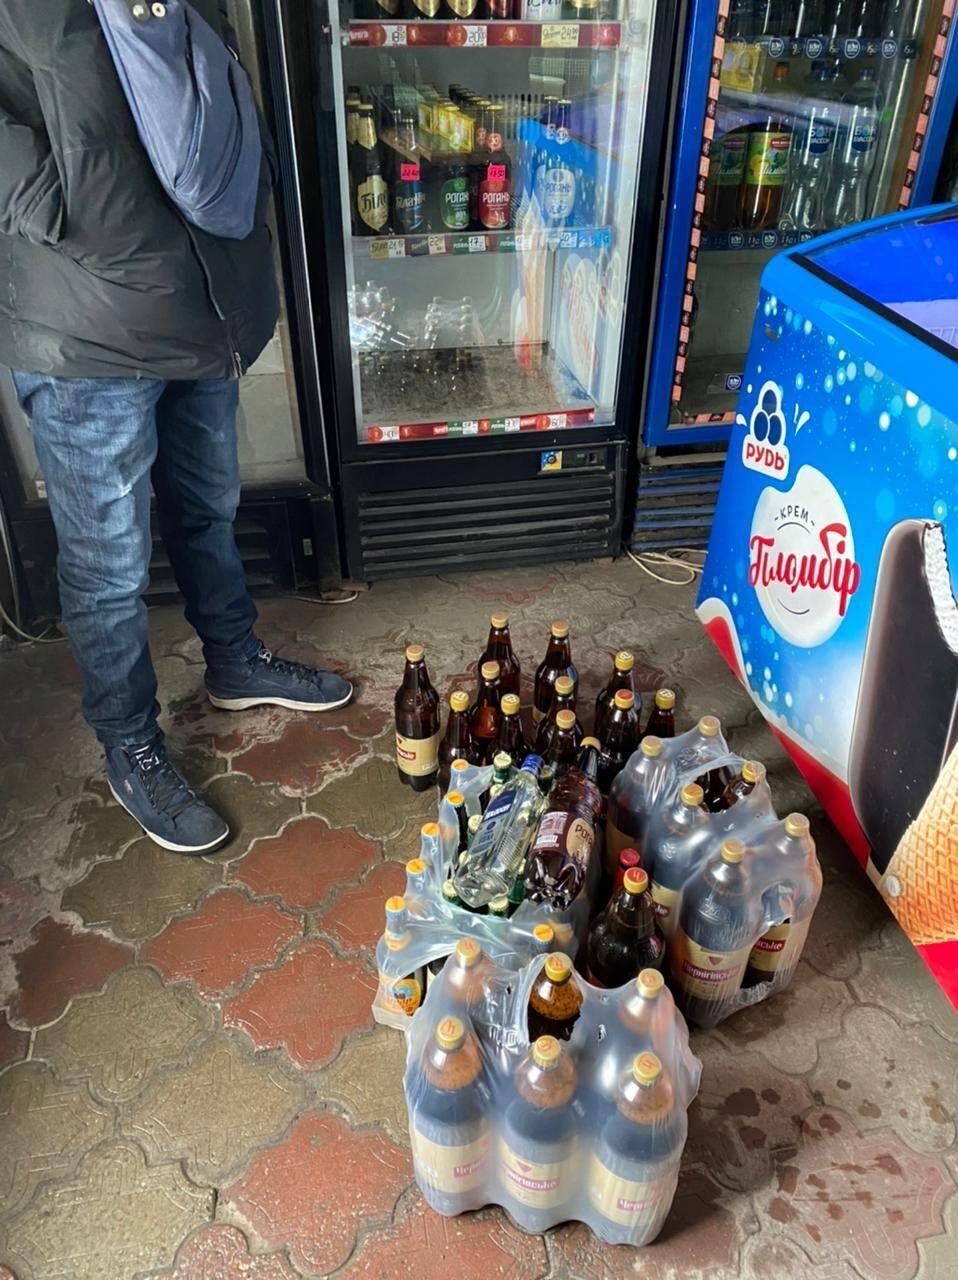 В магазинах продавали алкоголь без лицензии